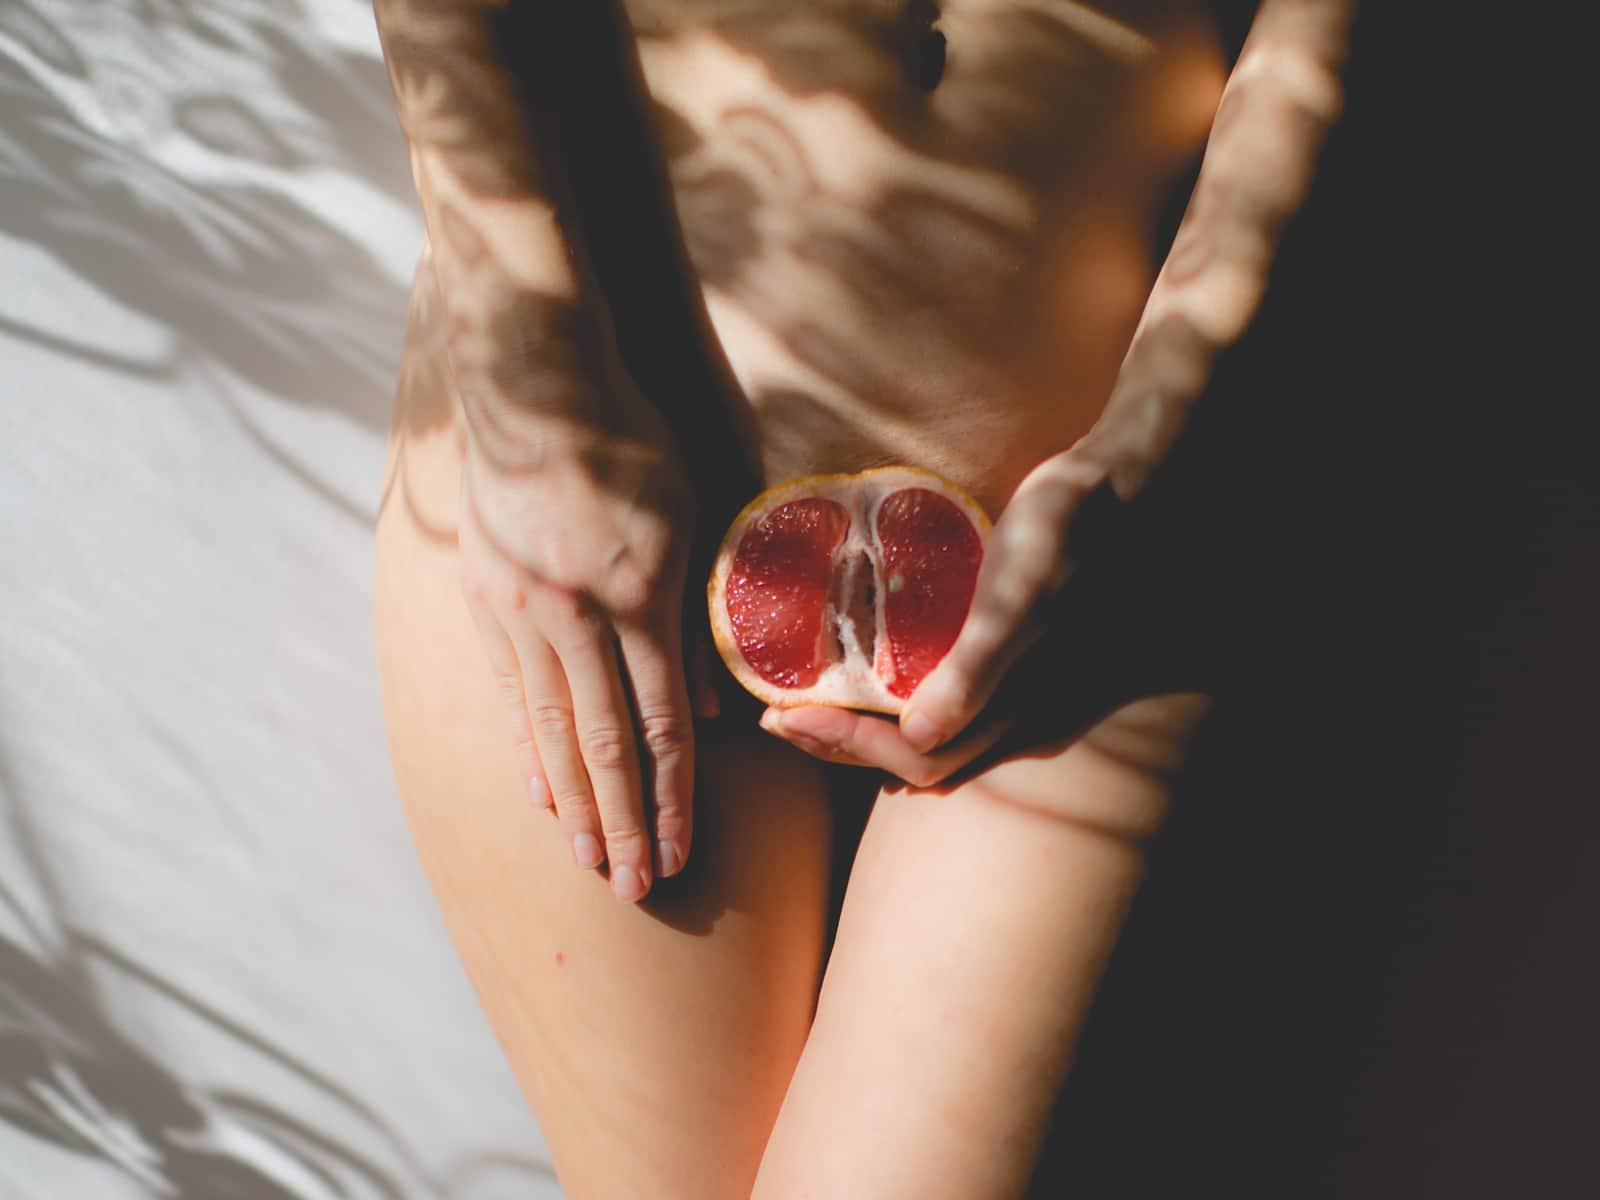 female masturbation tips